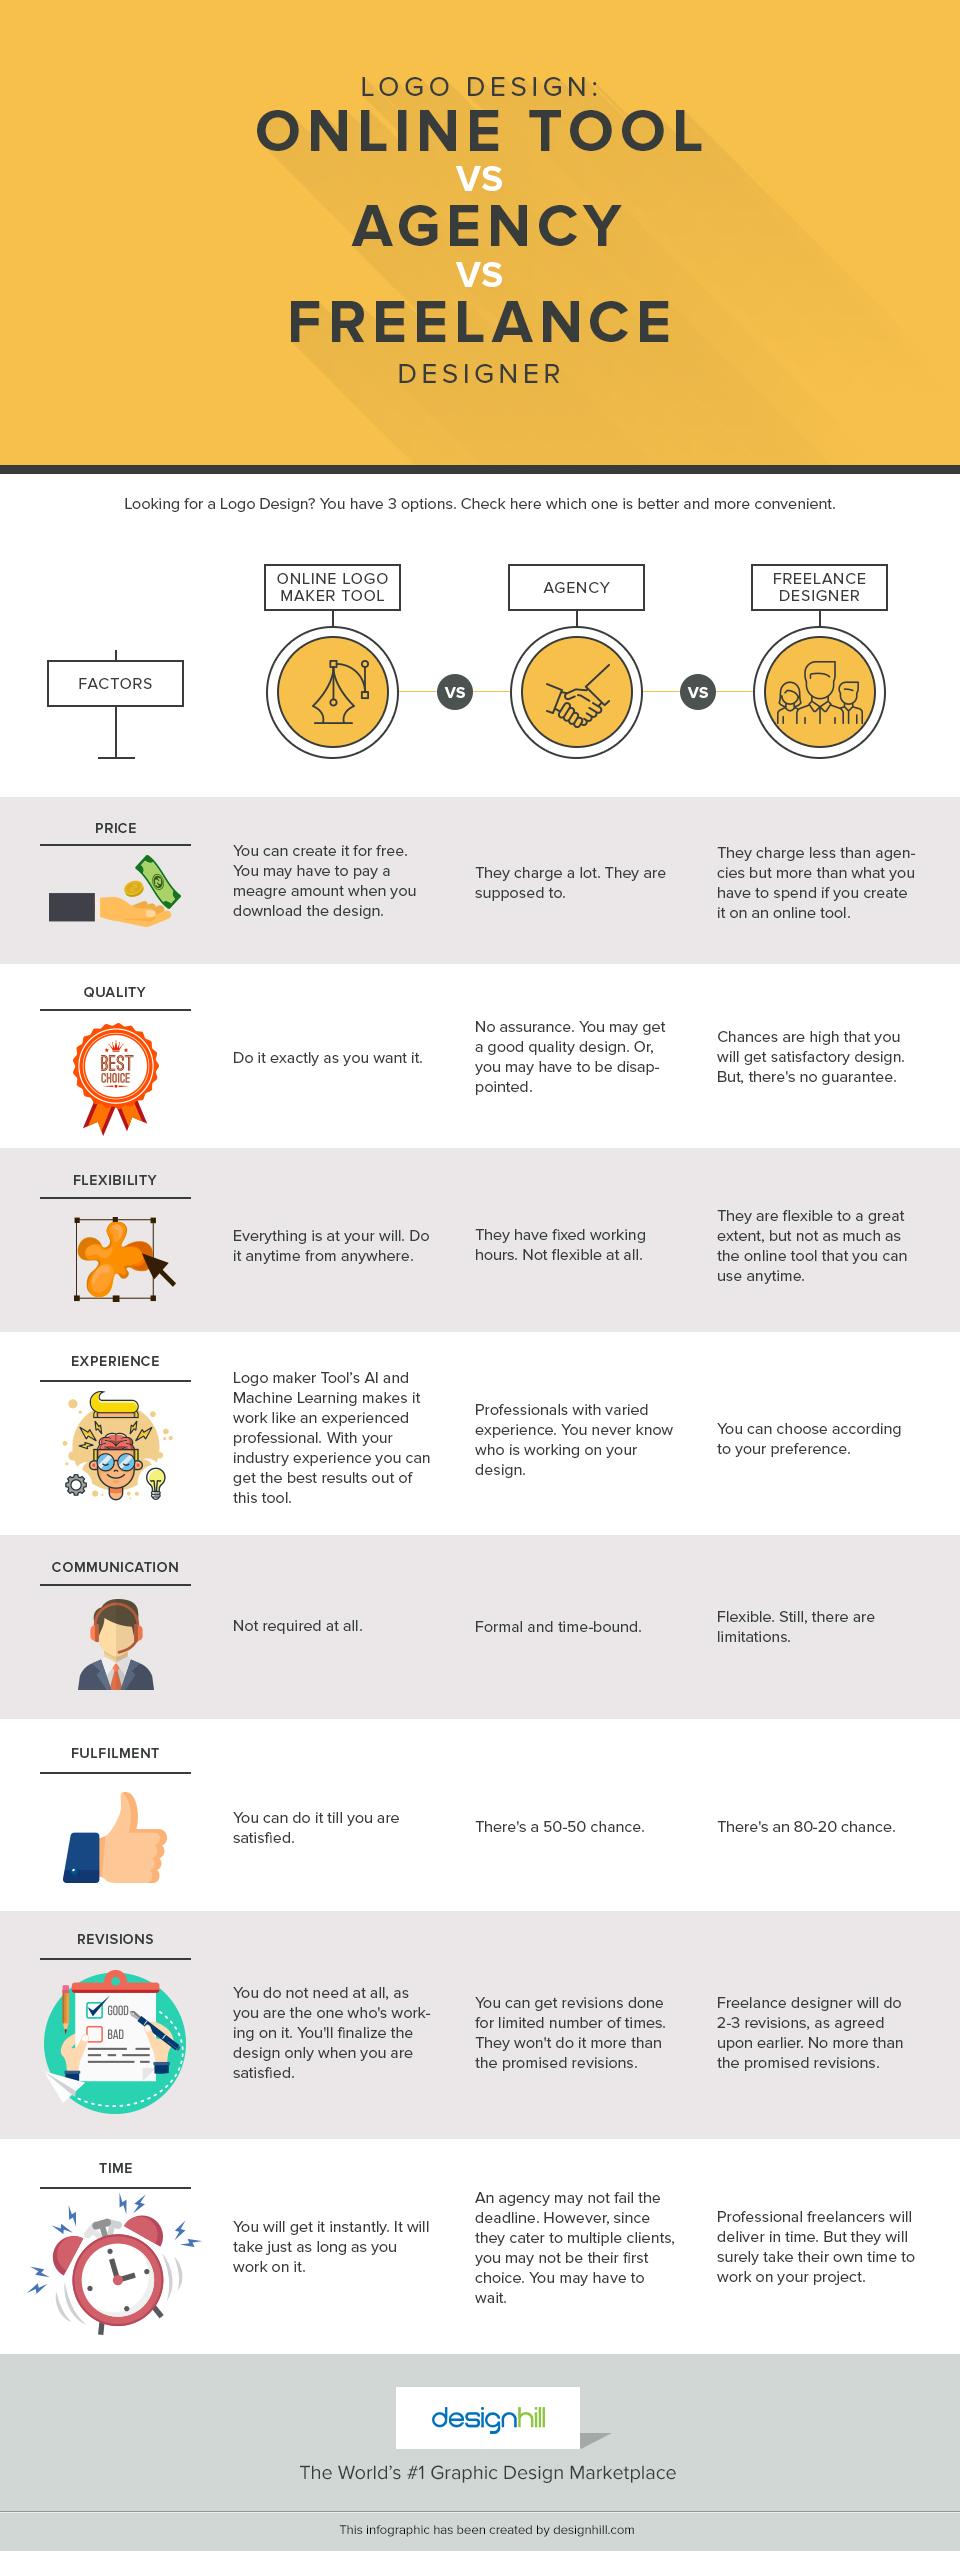 Logo Design Online Tool Vs Agency Vs Freelance Designer